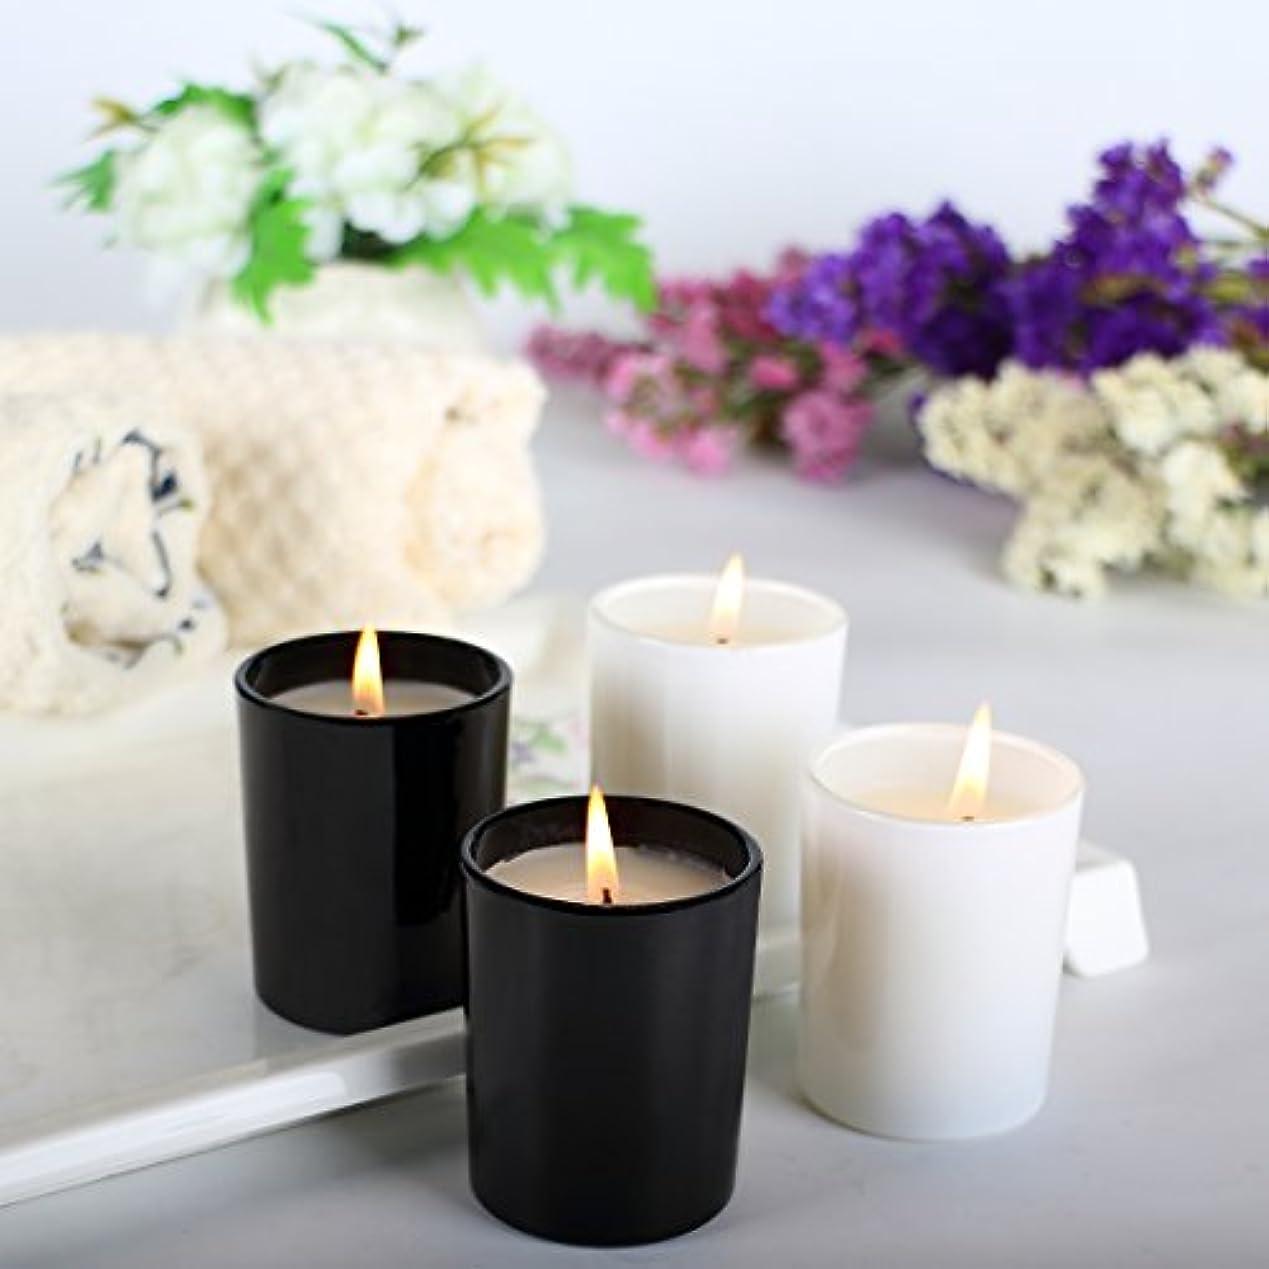 尊敬する抜本的なページェント(4 70ml) - Scented Candle, Pack 4 Candles - Includes Gardenia, Lemongrass, Pine, Vanilla Soy Candles for Stress...